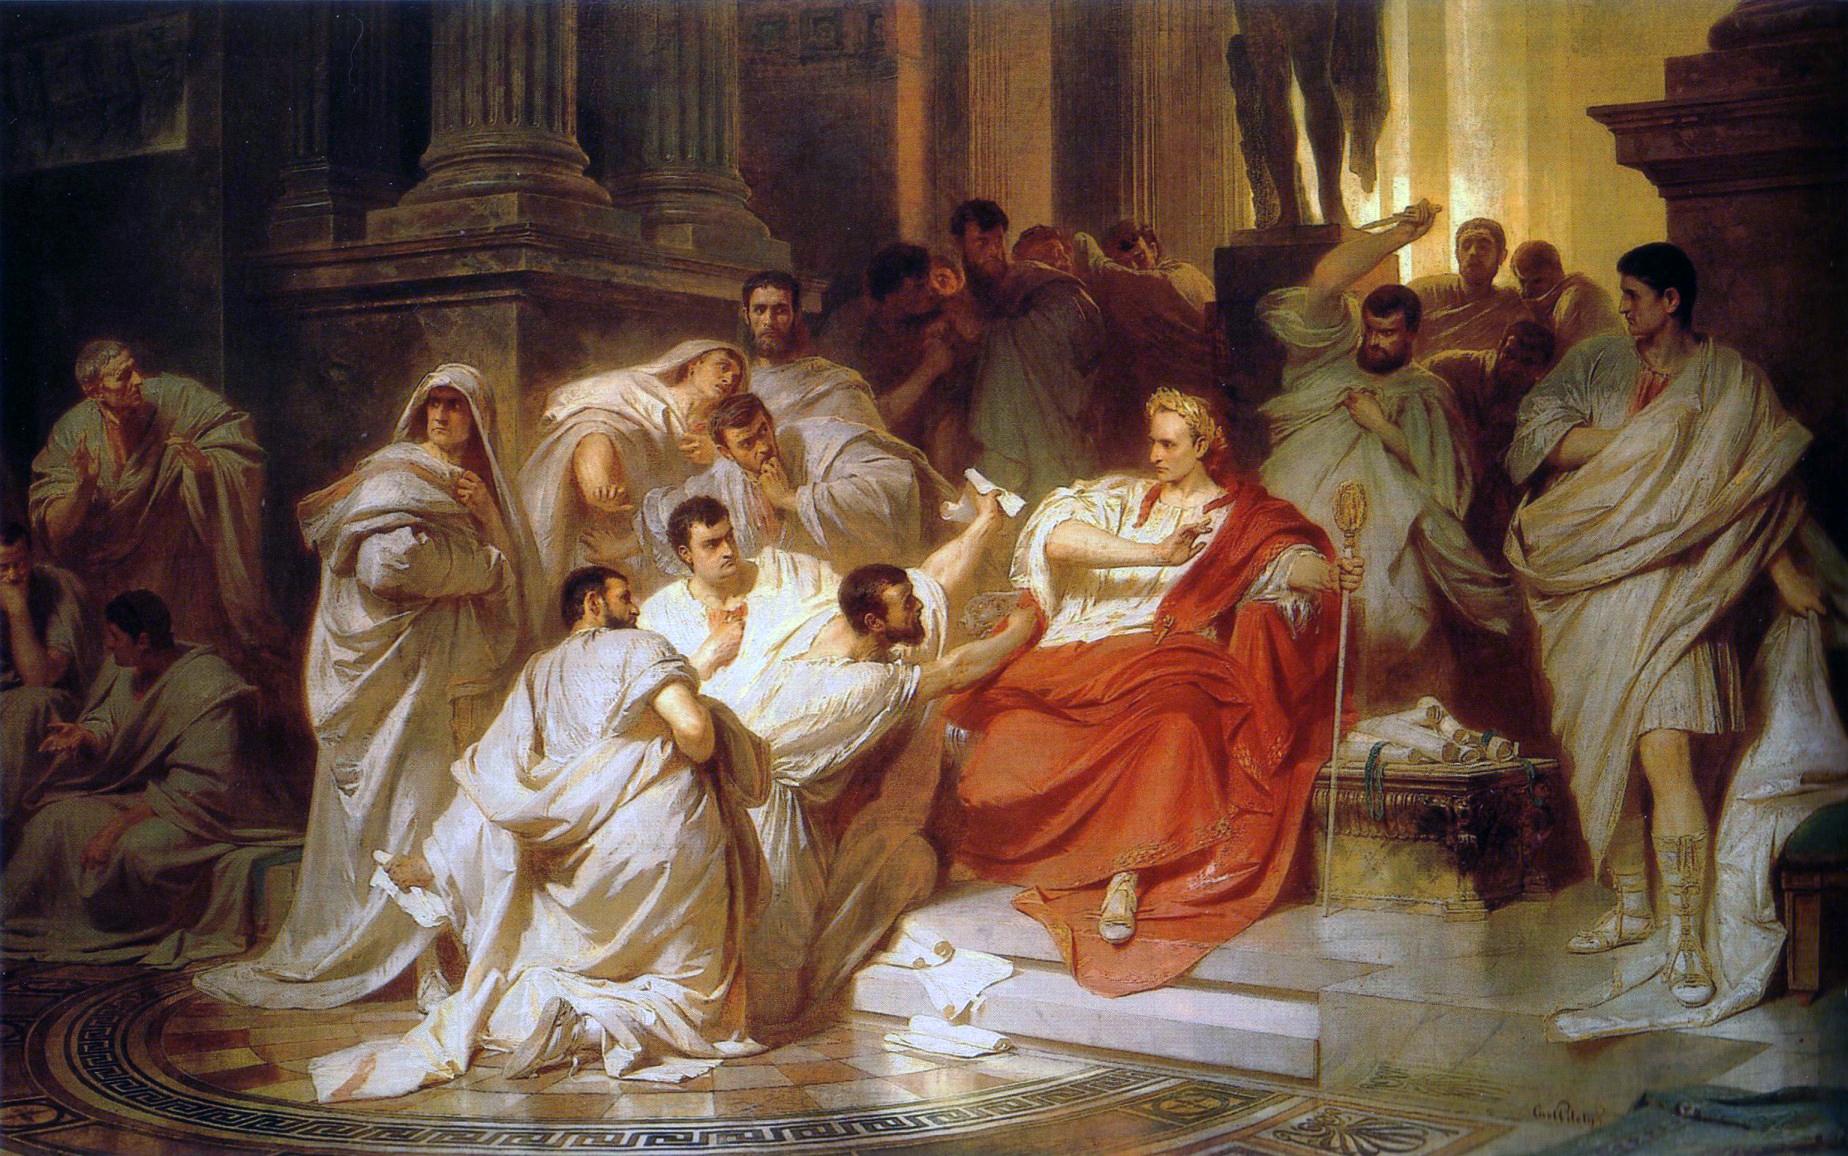 上图:油画《谋杀凯撒》(Karl von Piloty,1865),描绘了主前44年3月15日,罗马元老院成员谋杀凯撒大帝(Gaius Julius Caesar)。当凯撒最宠爱的助手、挚友和养子布鲁图斯拿着匕首扑向他的时候,凯撒惊呼:「Et tu, Brute?还有你吗?布鲁图斯?」(莎士比亚《凯撒大帝》)刺杀者们所用的武器就是刀。凯撒身中23刀,死后导致罗马内战,共和国体制崩溃,其养子屋大维开创了罗马帝国。雅典的民主失败了,罗马的共和失败了,专制独裁最后也没能阻挡罗马的灭亡。人类历史上所有的政治制度,包括欧美国家精心设计的现代民主宪政,最终都会因着人的败坏和无法调和的内部矛盾而崩溃。